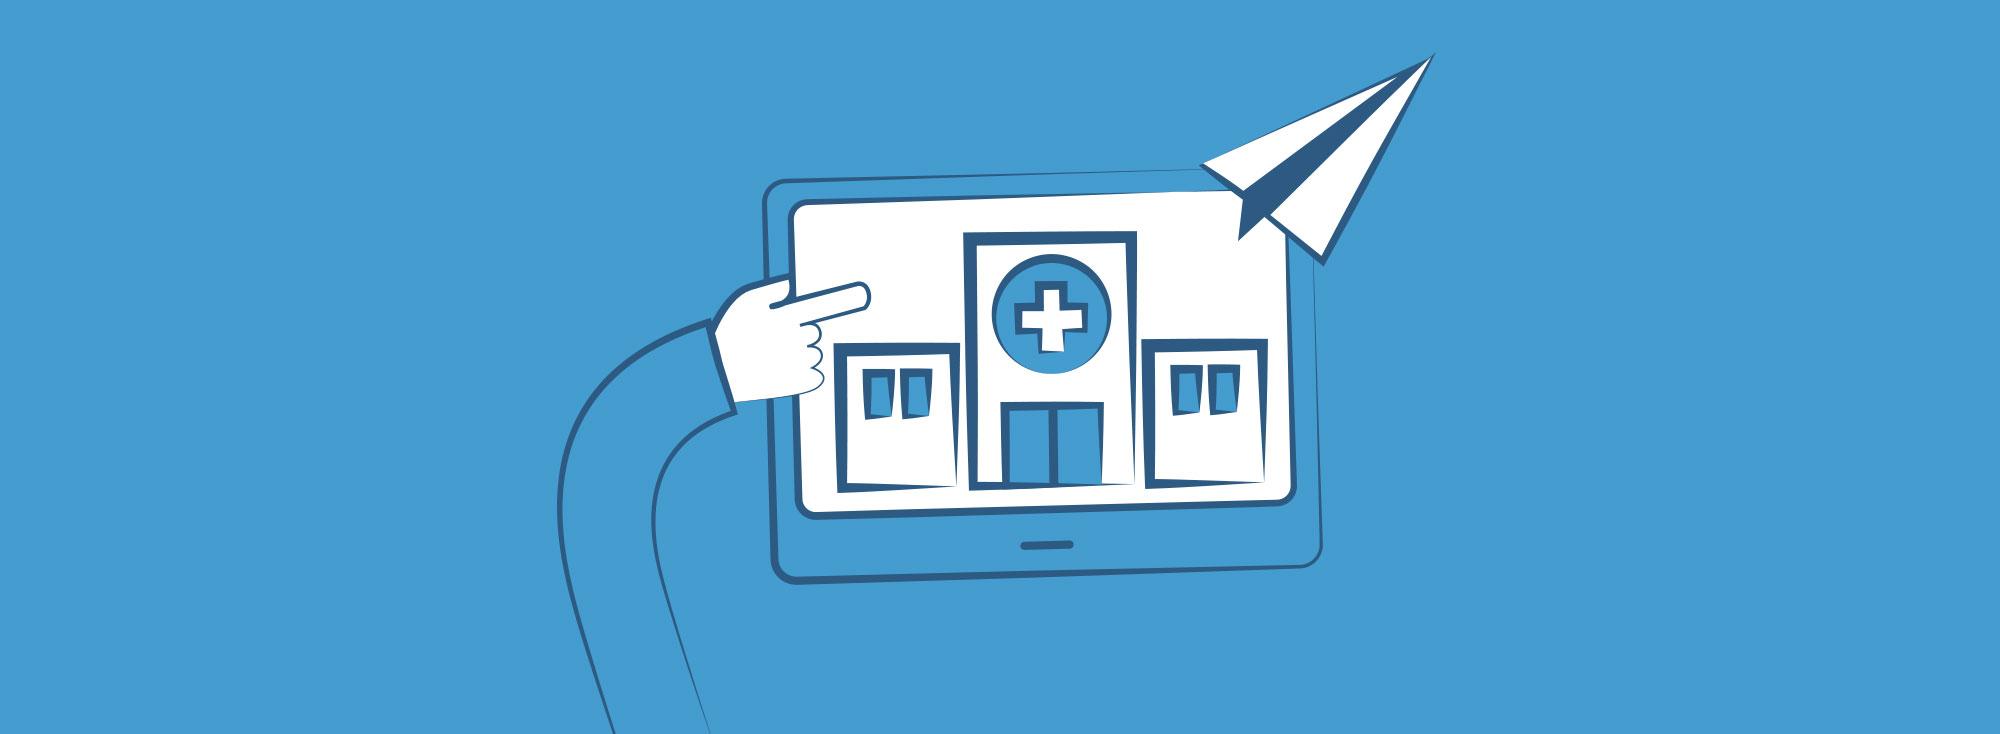 Digitalisierung in der Gesundheitsbranche 2019